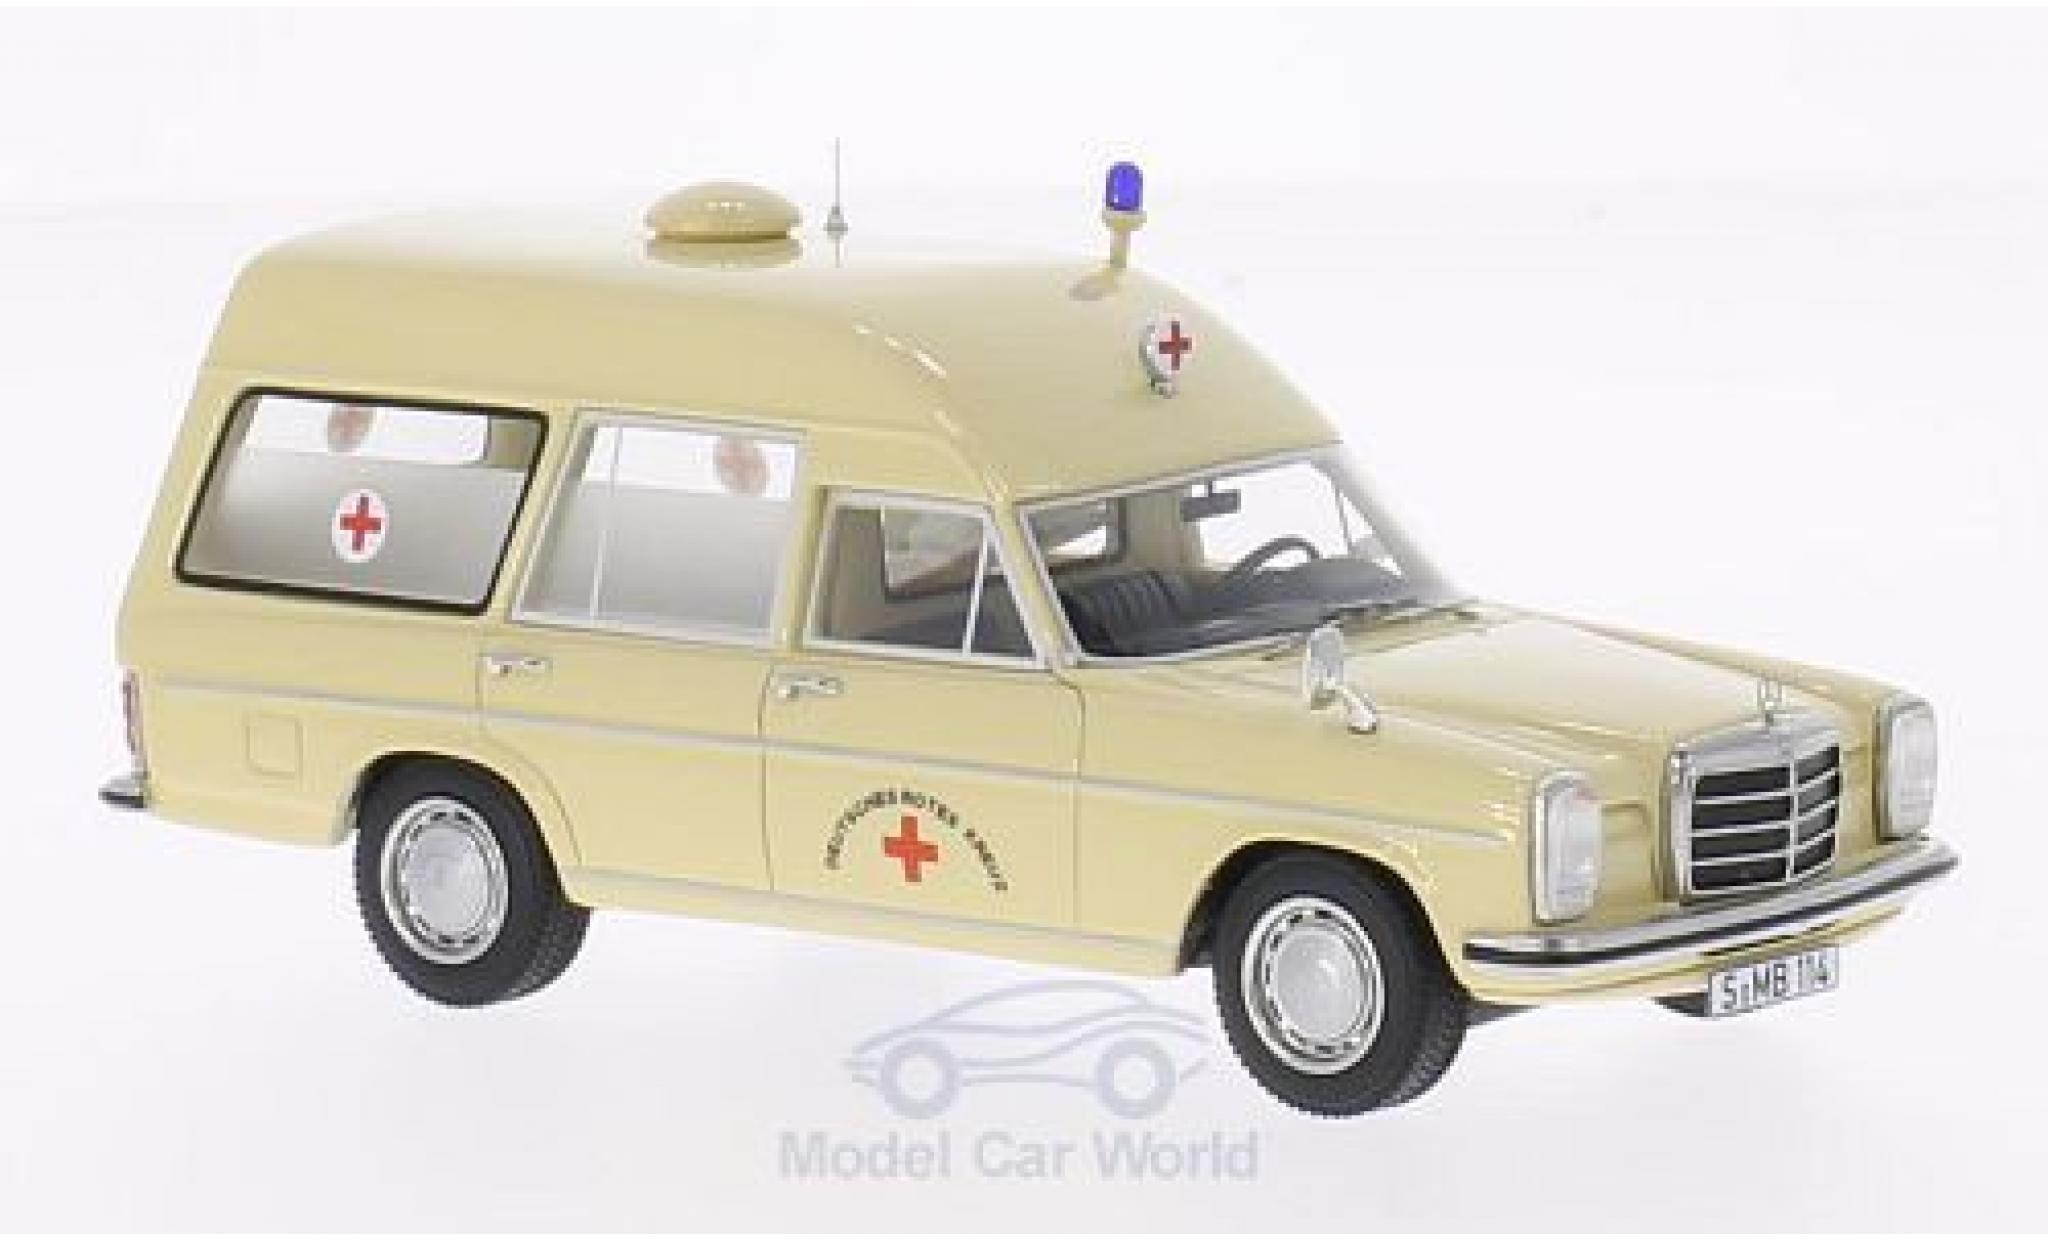 Mercedes /8 1/43 BoS Models (W114) Binz DRK - Deutsches Rotes Kreuz lusiv